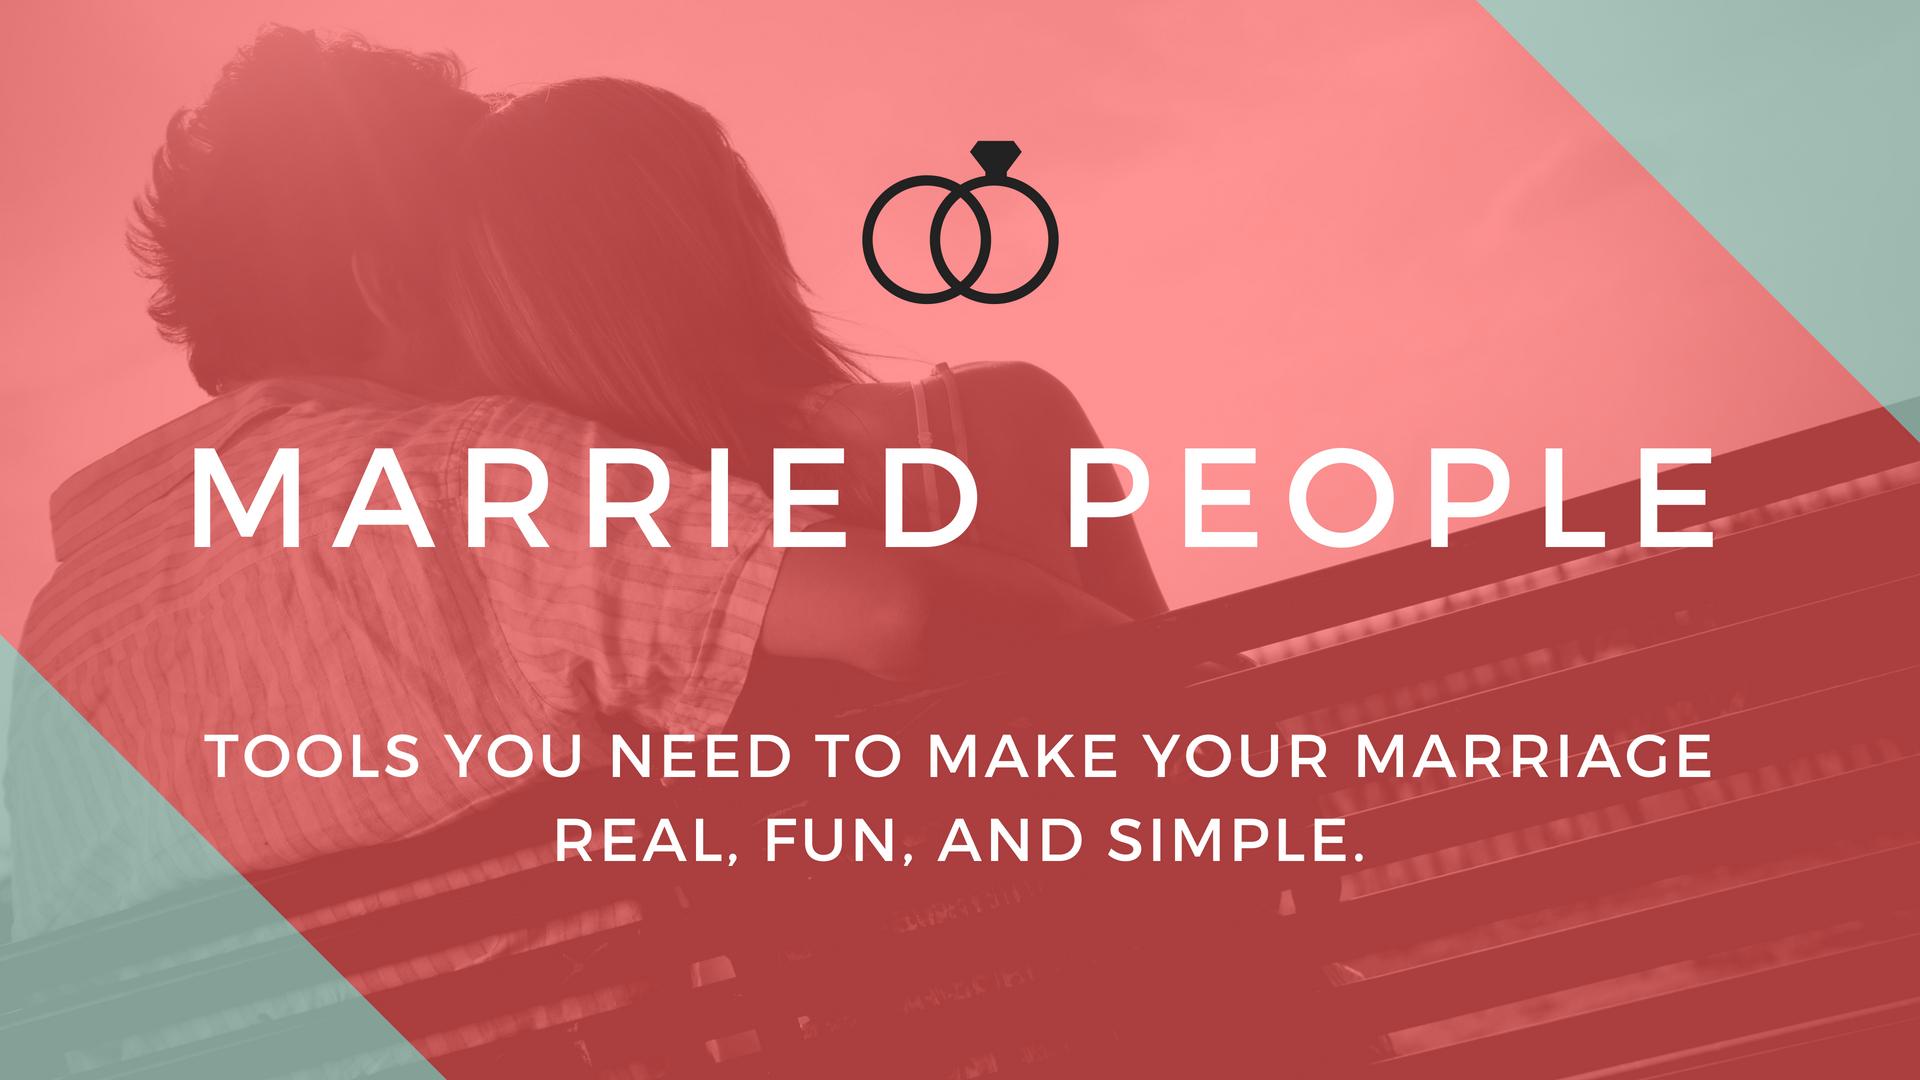 married people for website.jpg